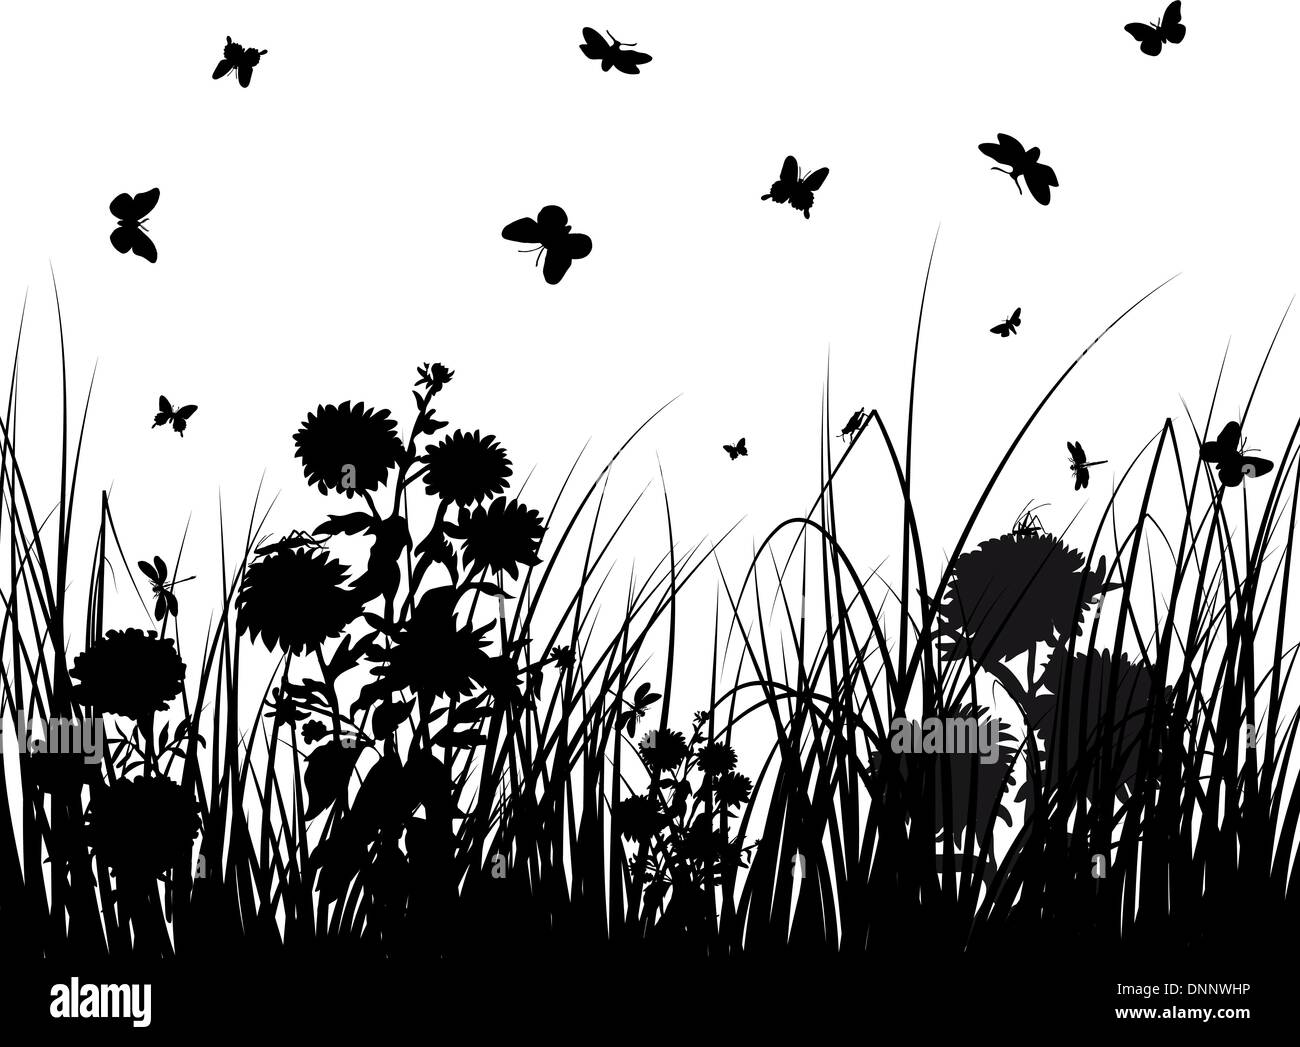 Antecedentes vectoriales siluetas de hierba con mariposas Imagen De Stock